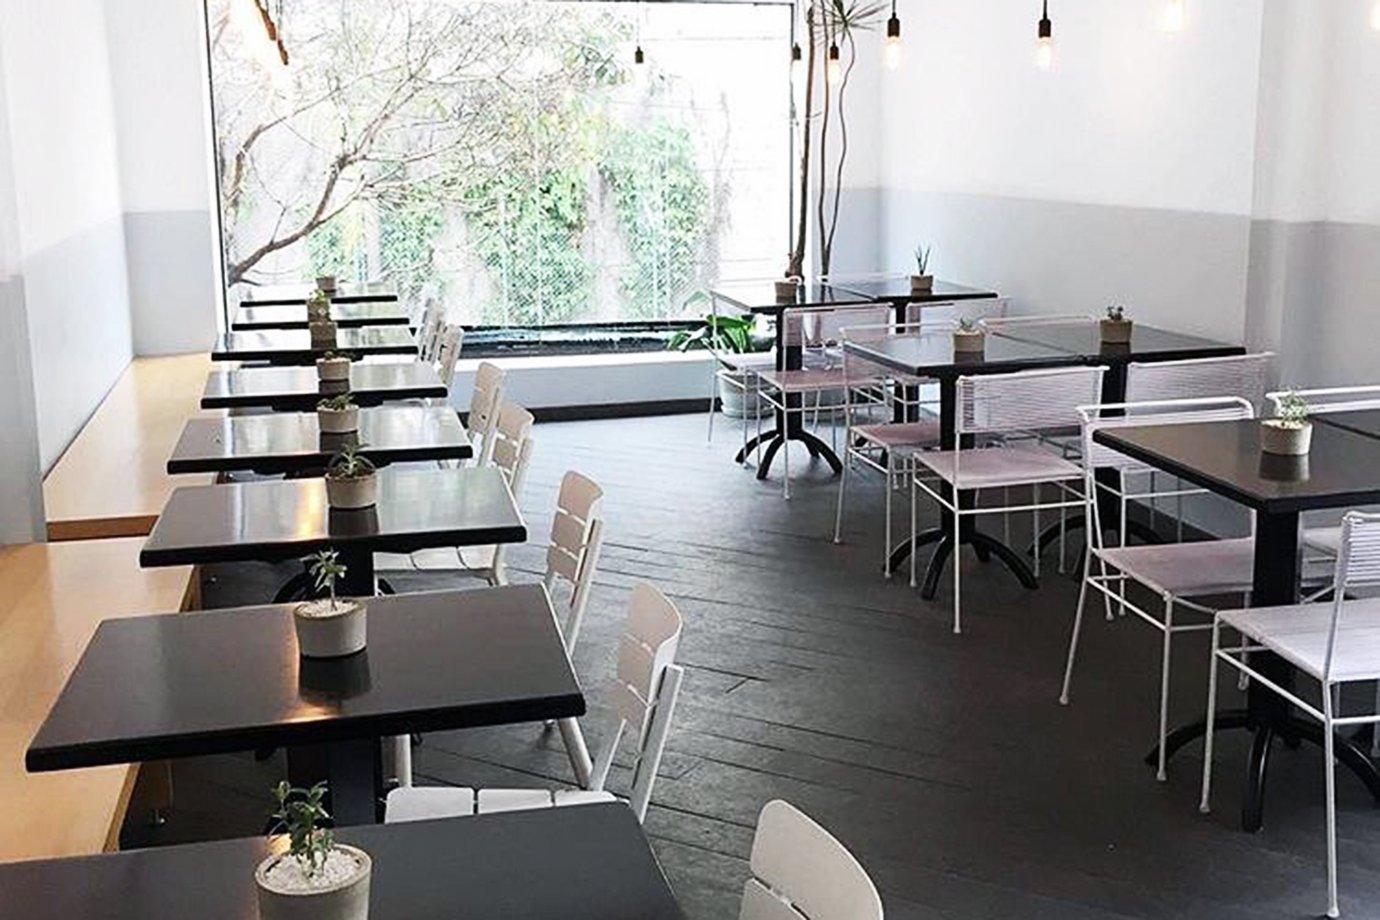 Restaurante do Hi Pokee, no centro de São Paulo